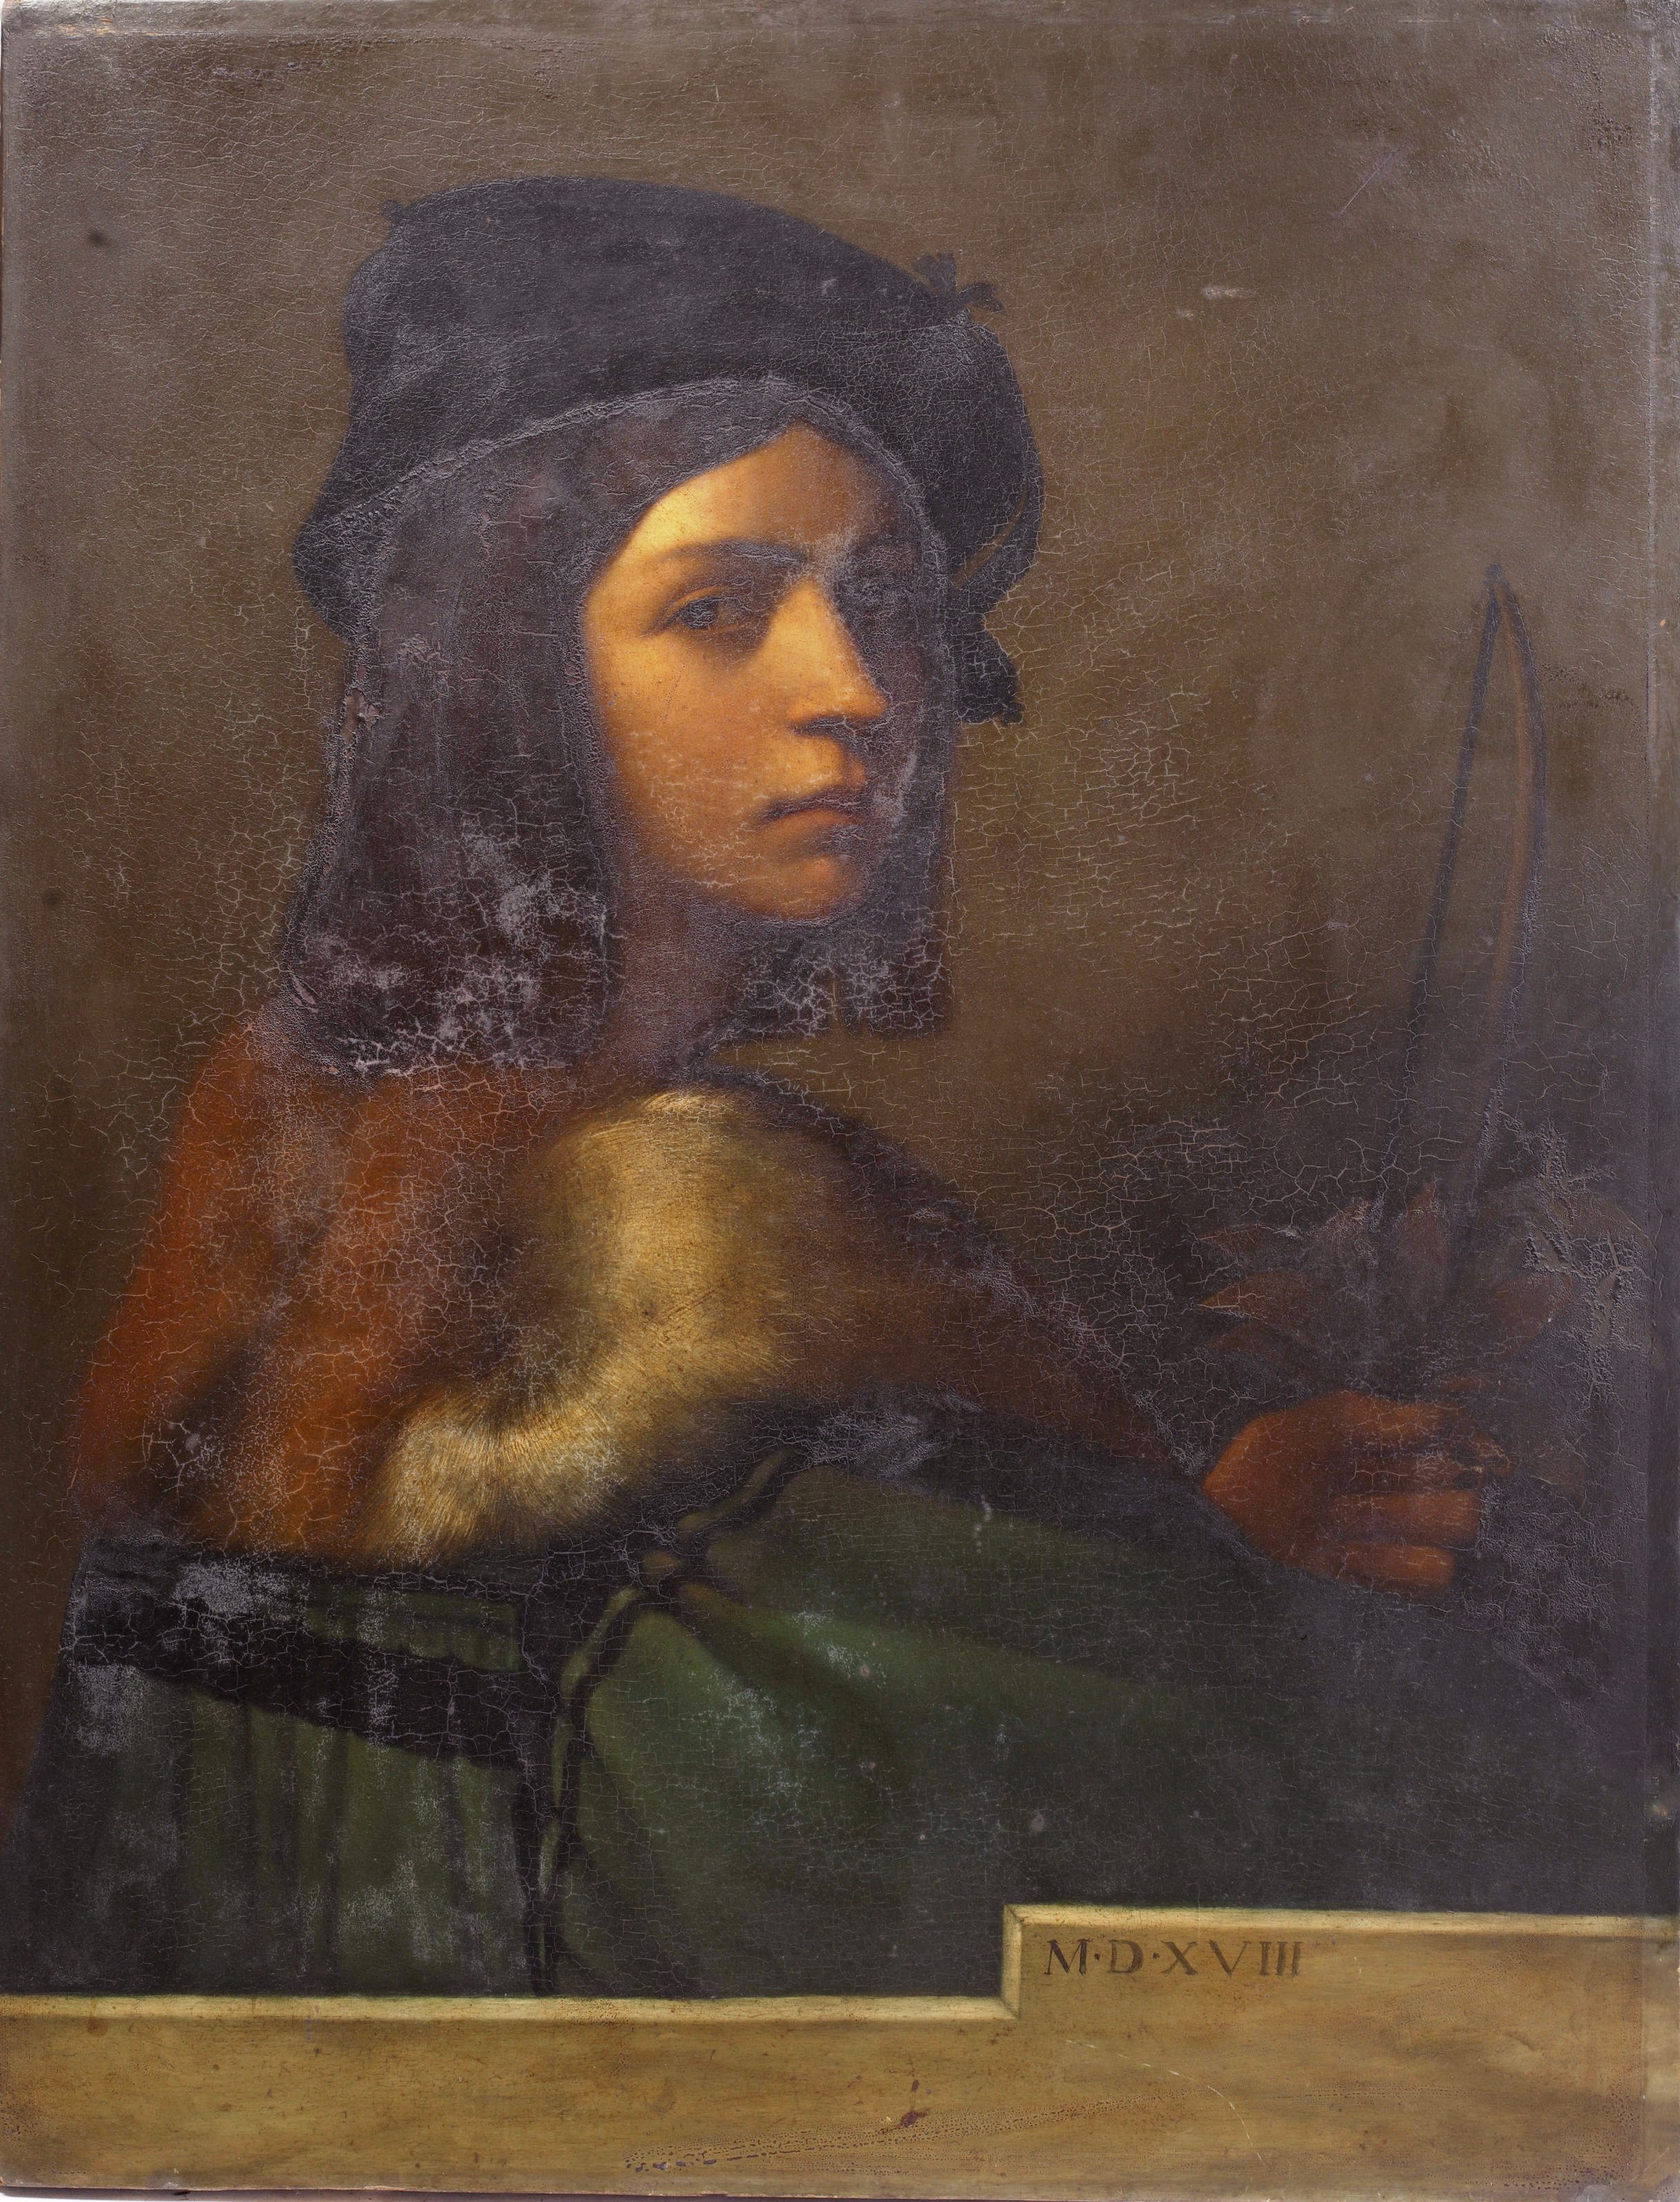 Self portrait, after Sebastiano del Piombo